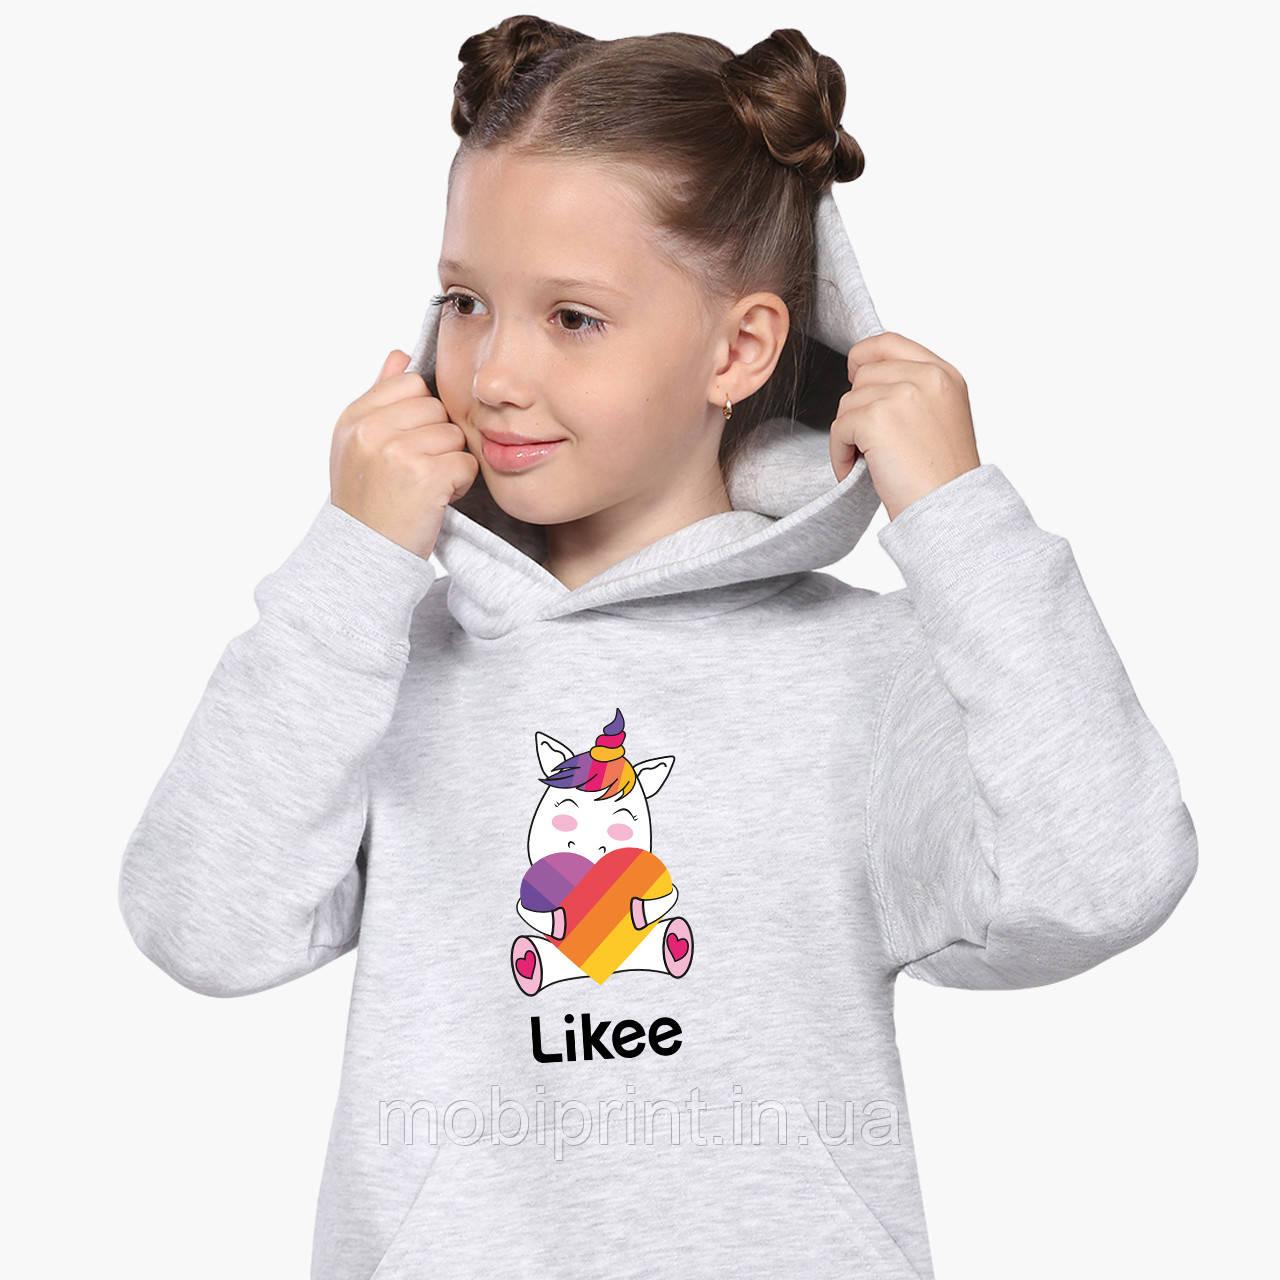 Худі для дівчаток Лайк Єдиноріг (Likee Unicorn) Кенгуру Світло-сірий (9298-1037)